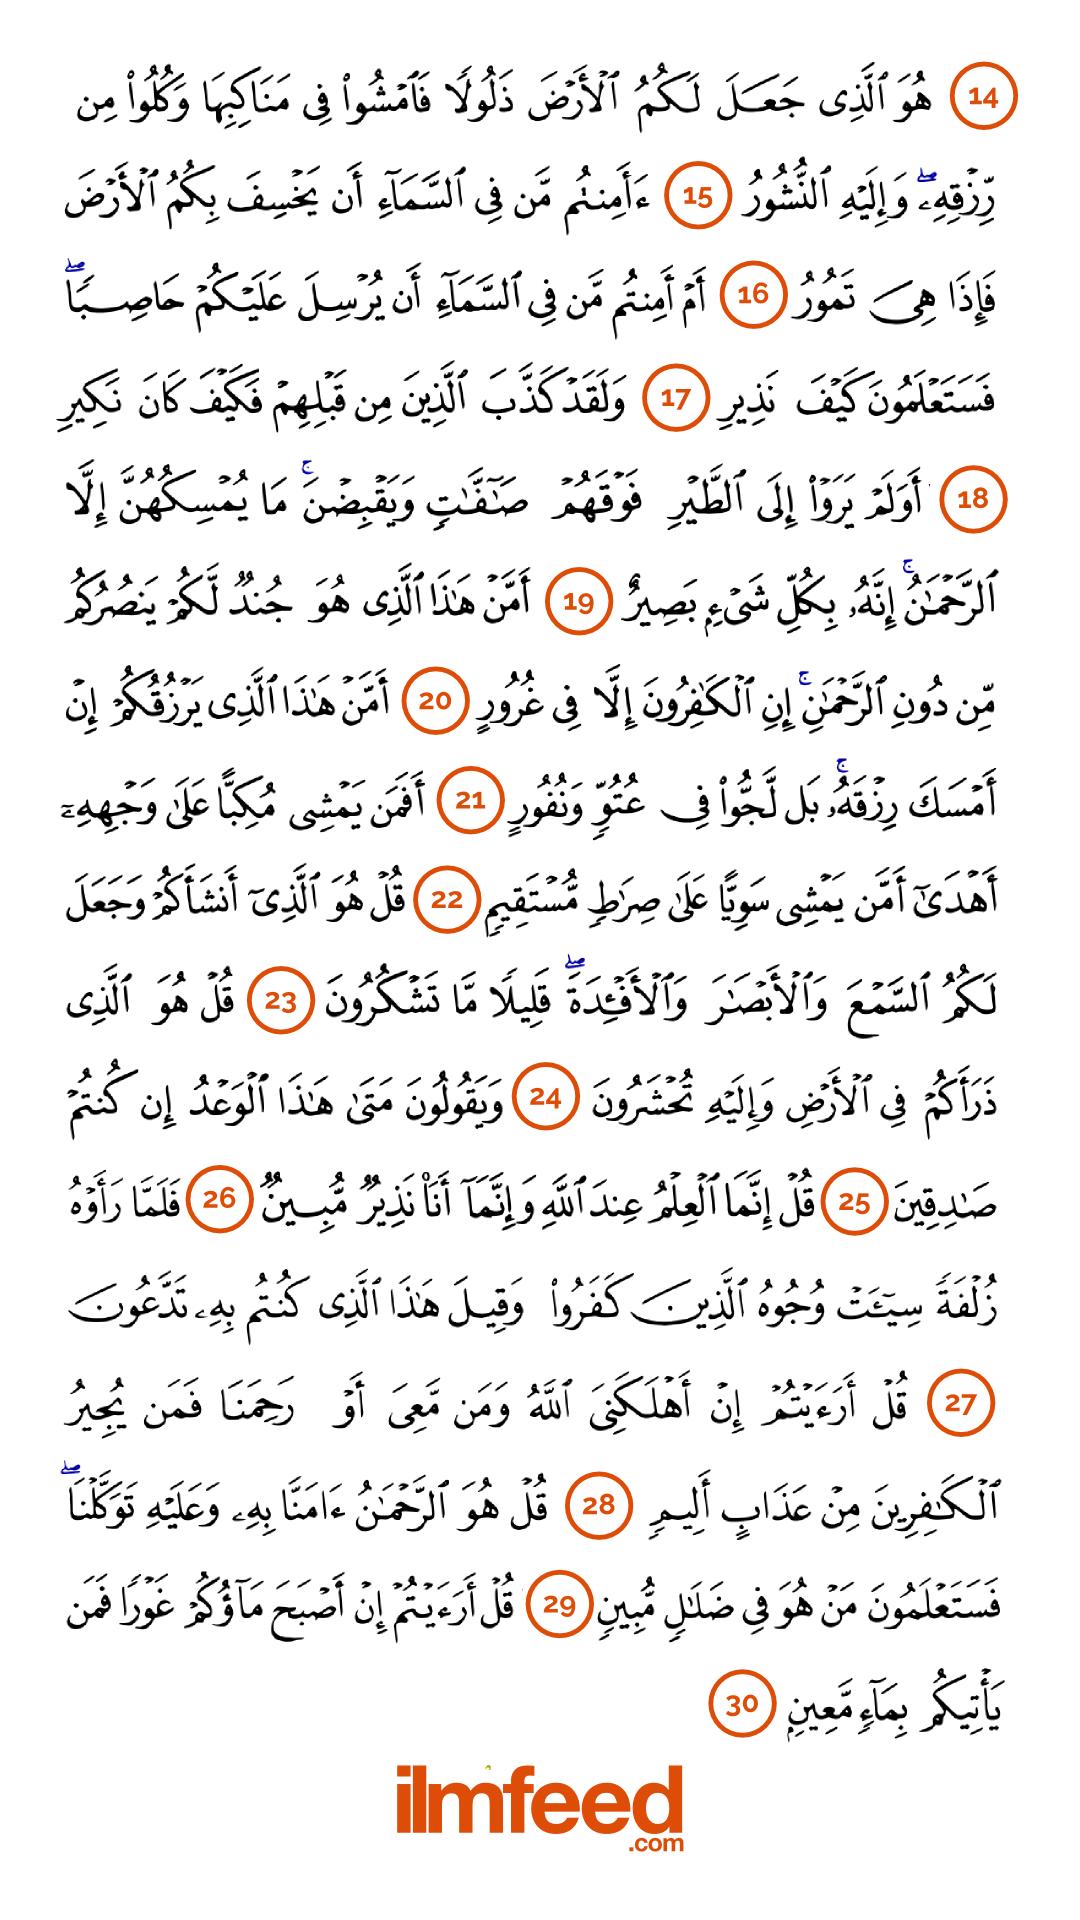 The Ramadan Surah Al-Mulk Challenge - IlmFeed